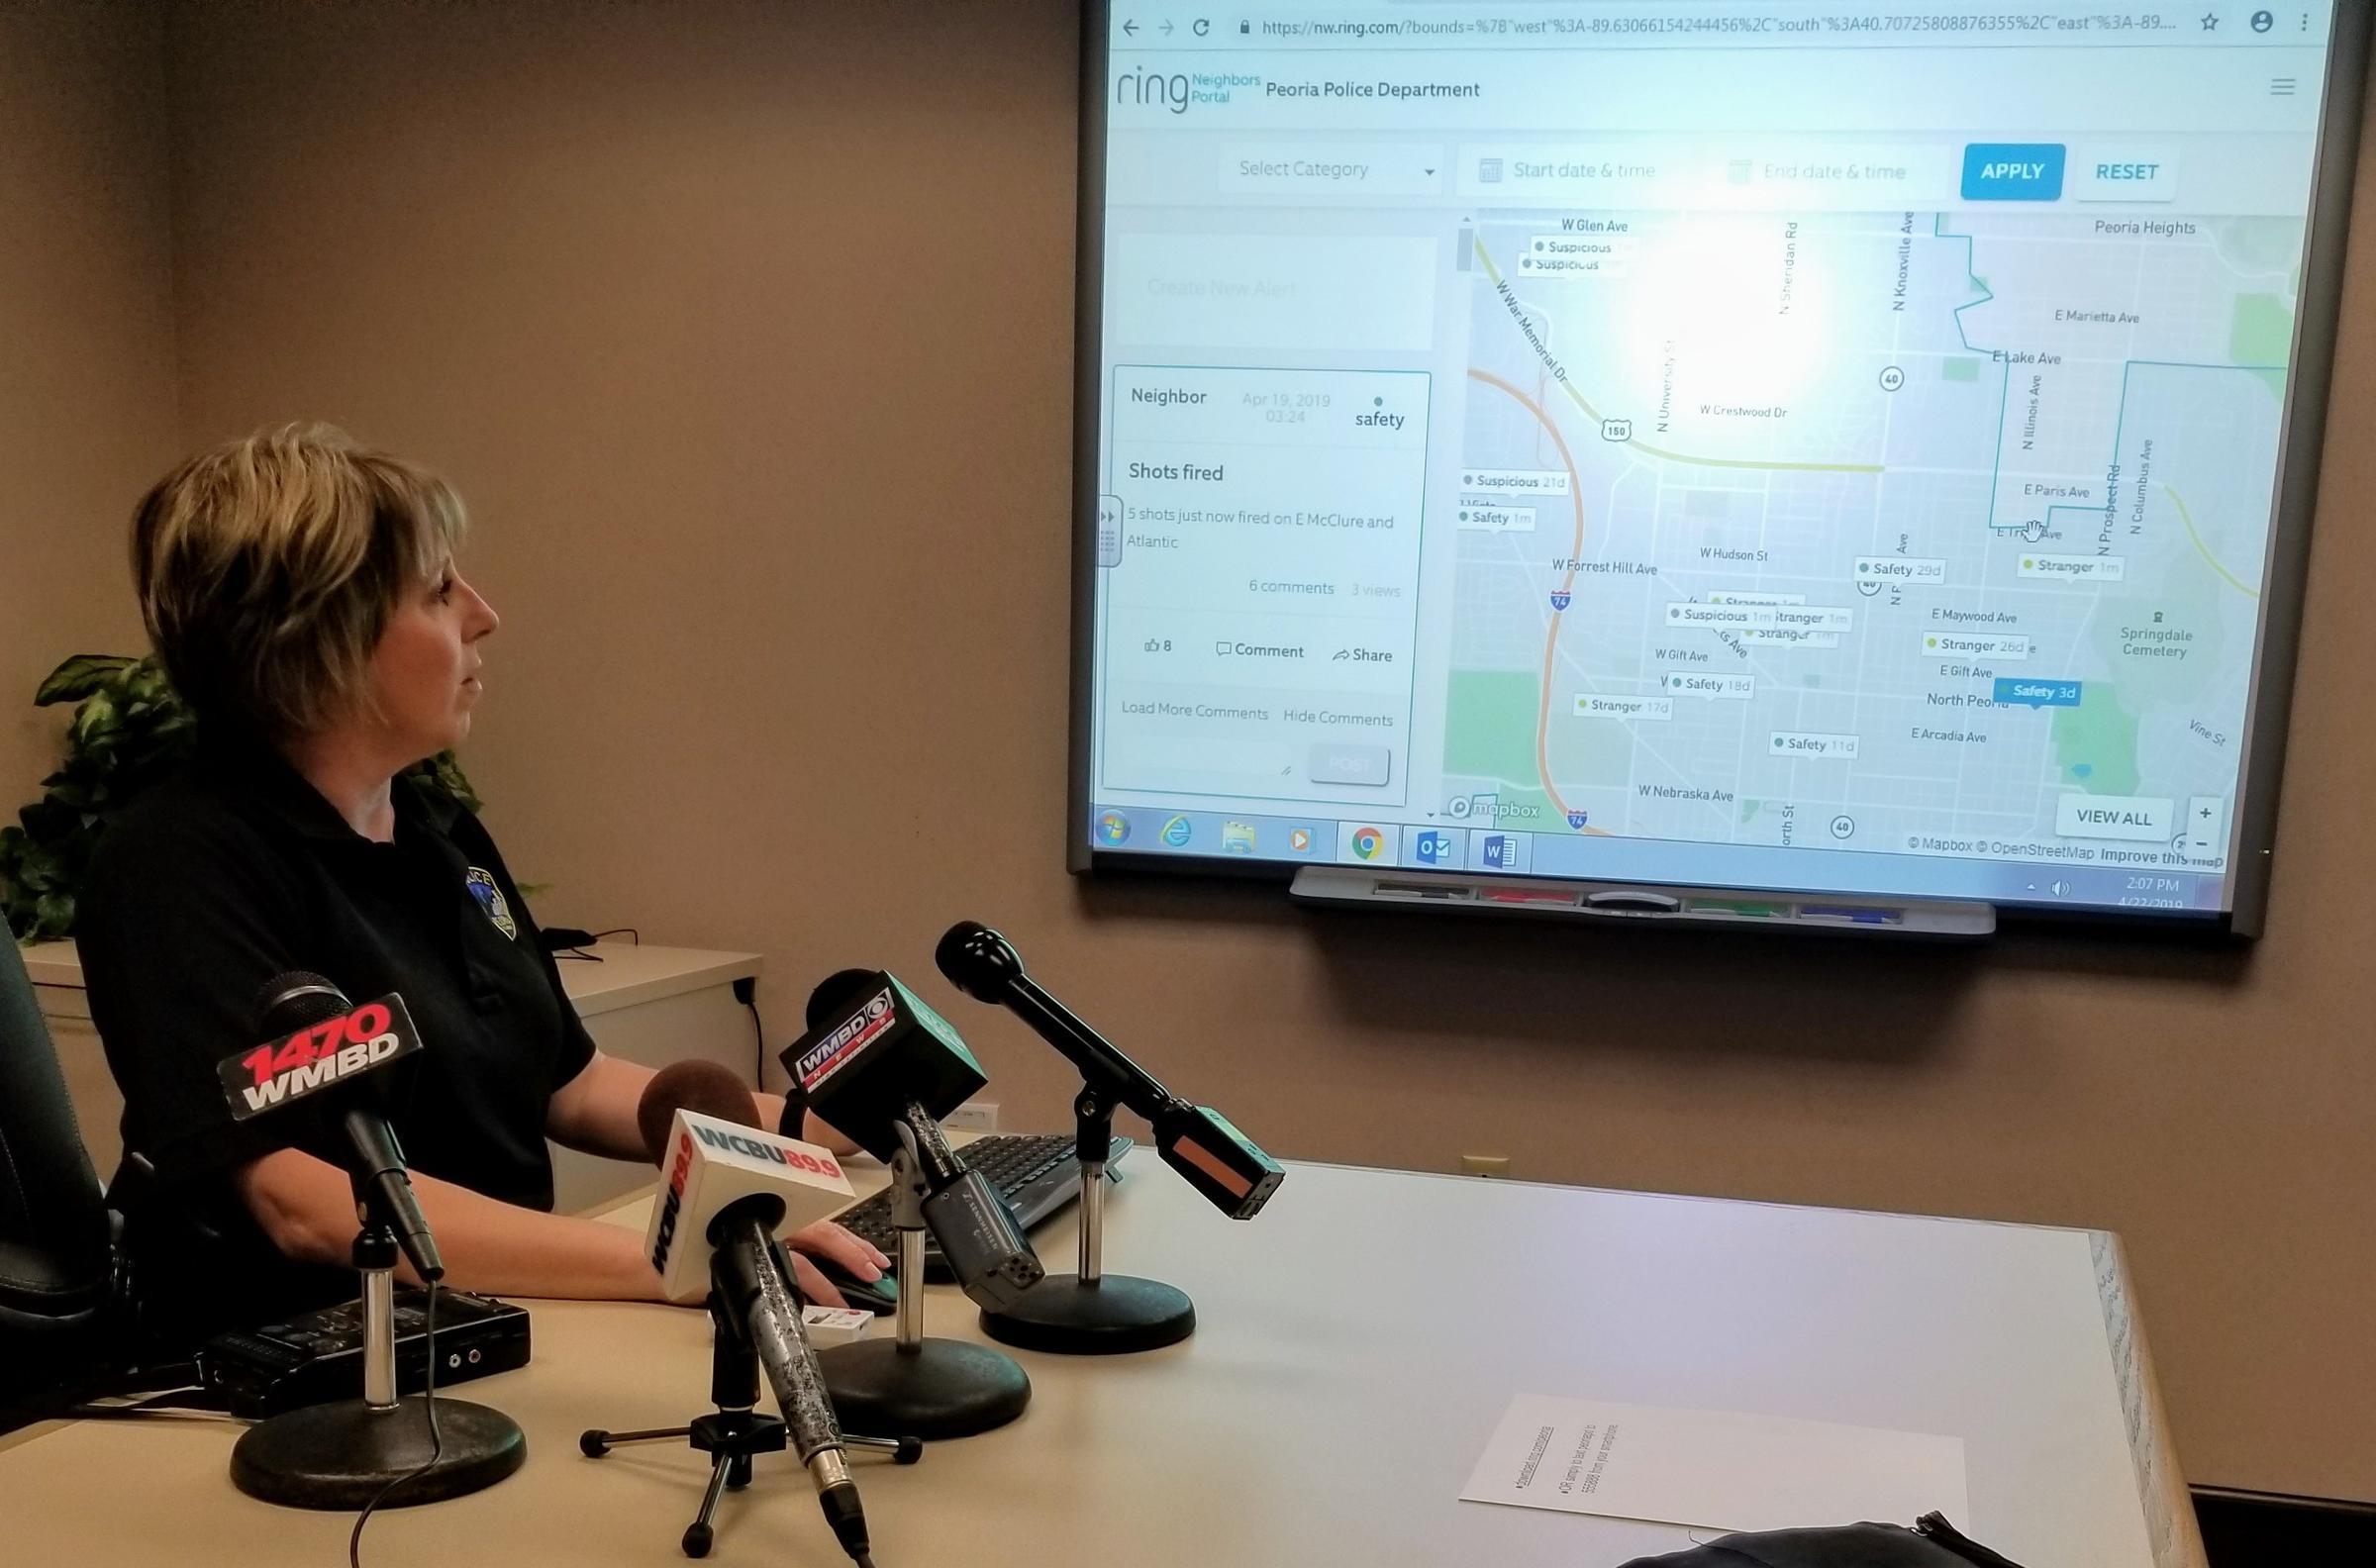 Peoria Police Encourage Neighbors App by Ring | Peoria